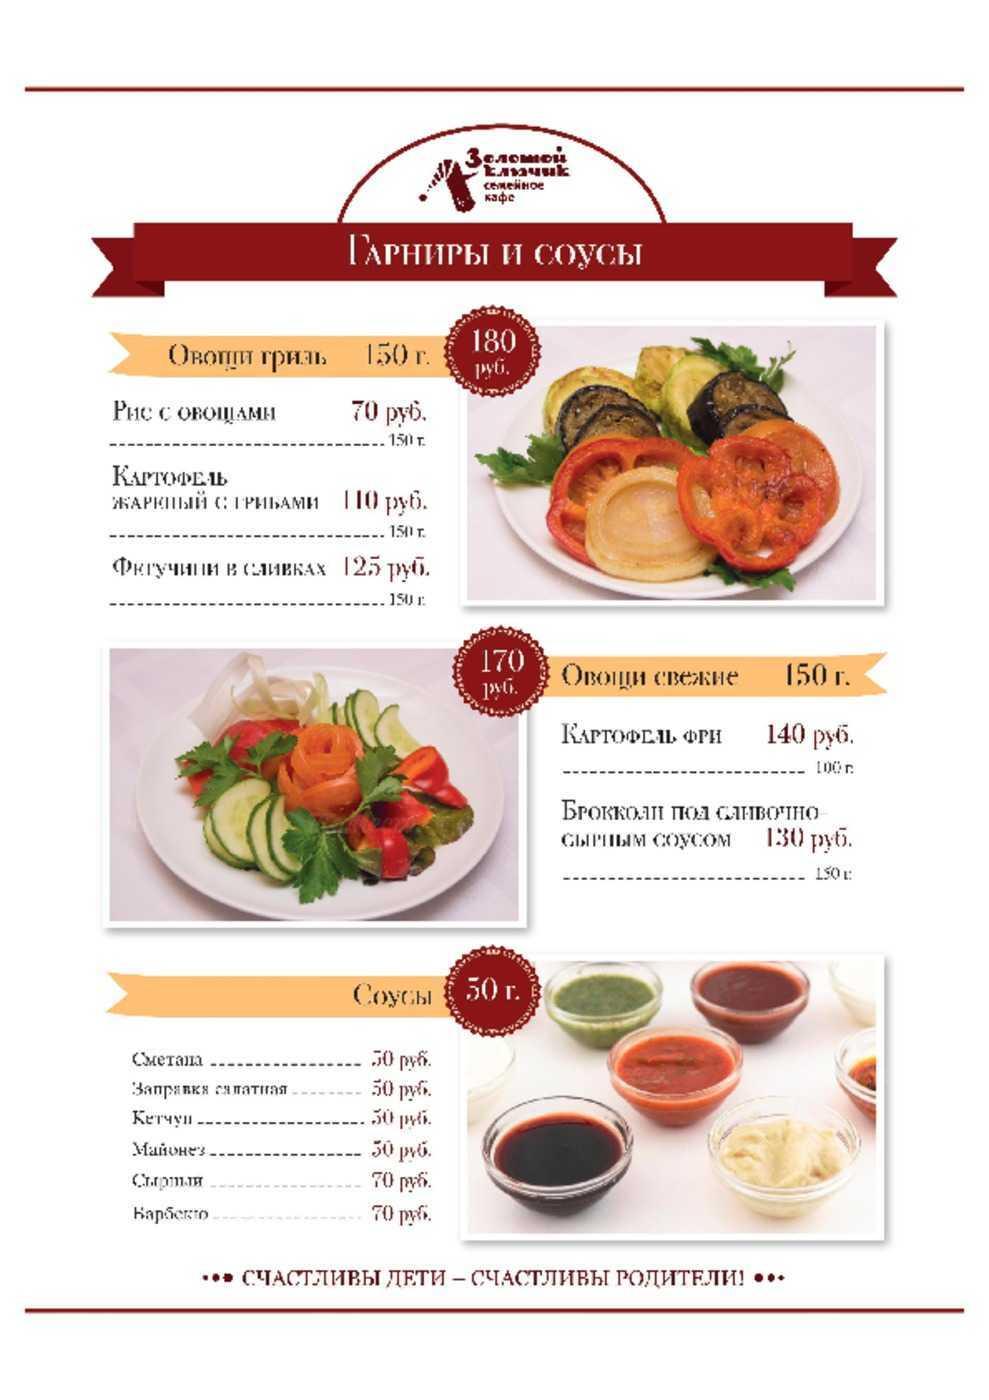 Меню кафе Золотой ключик на улице Ленина